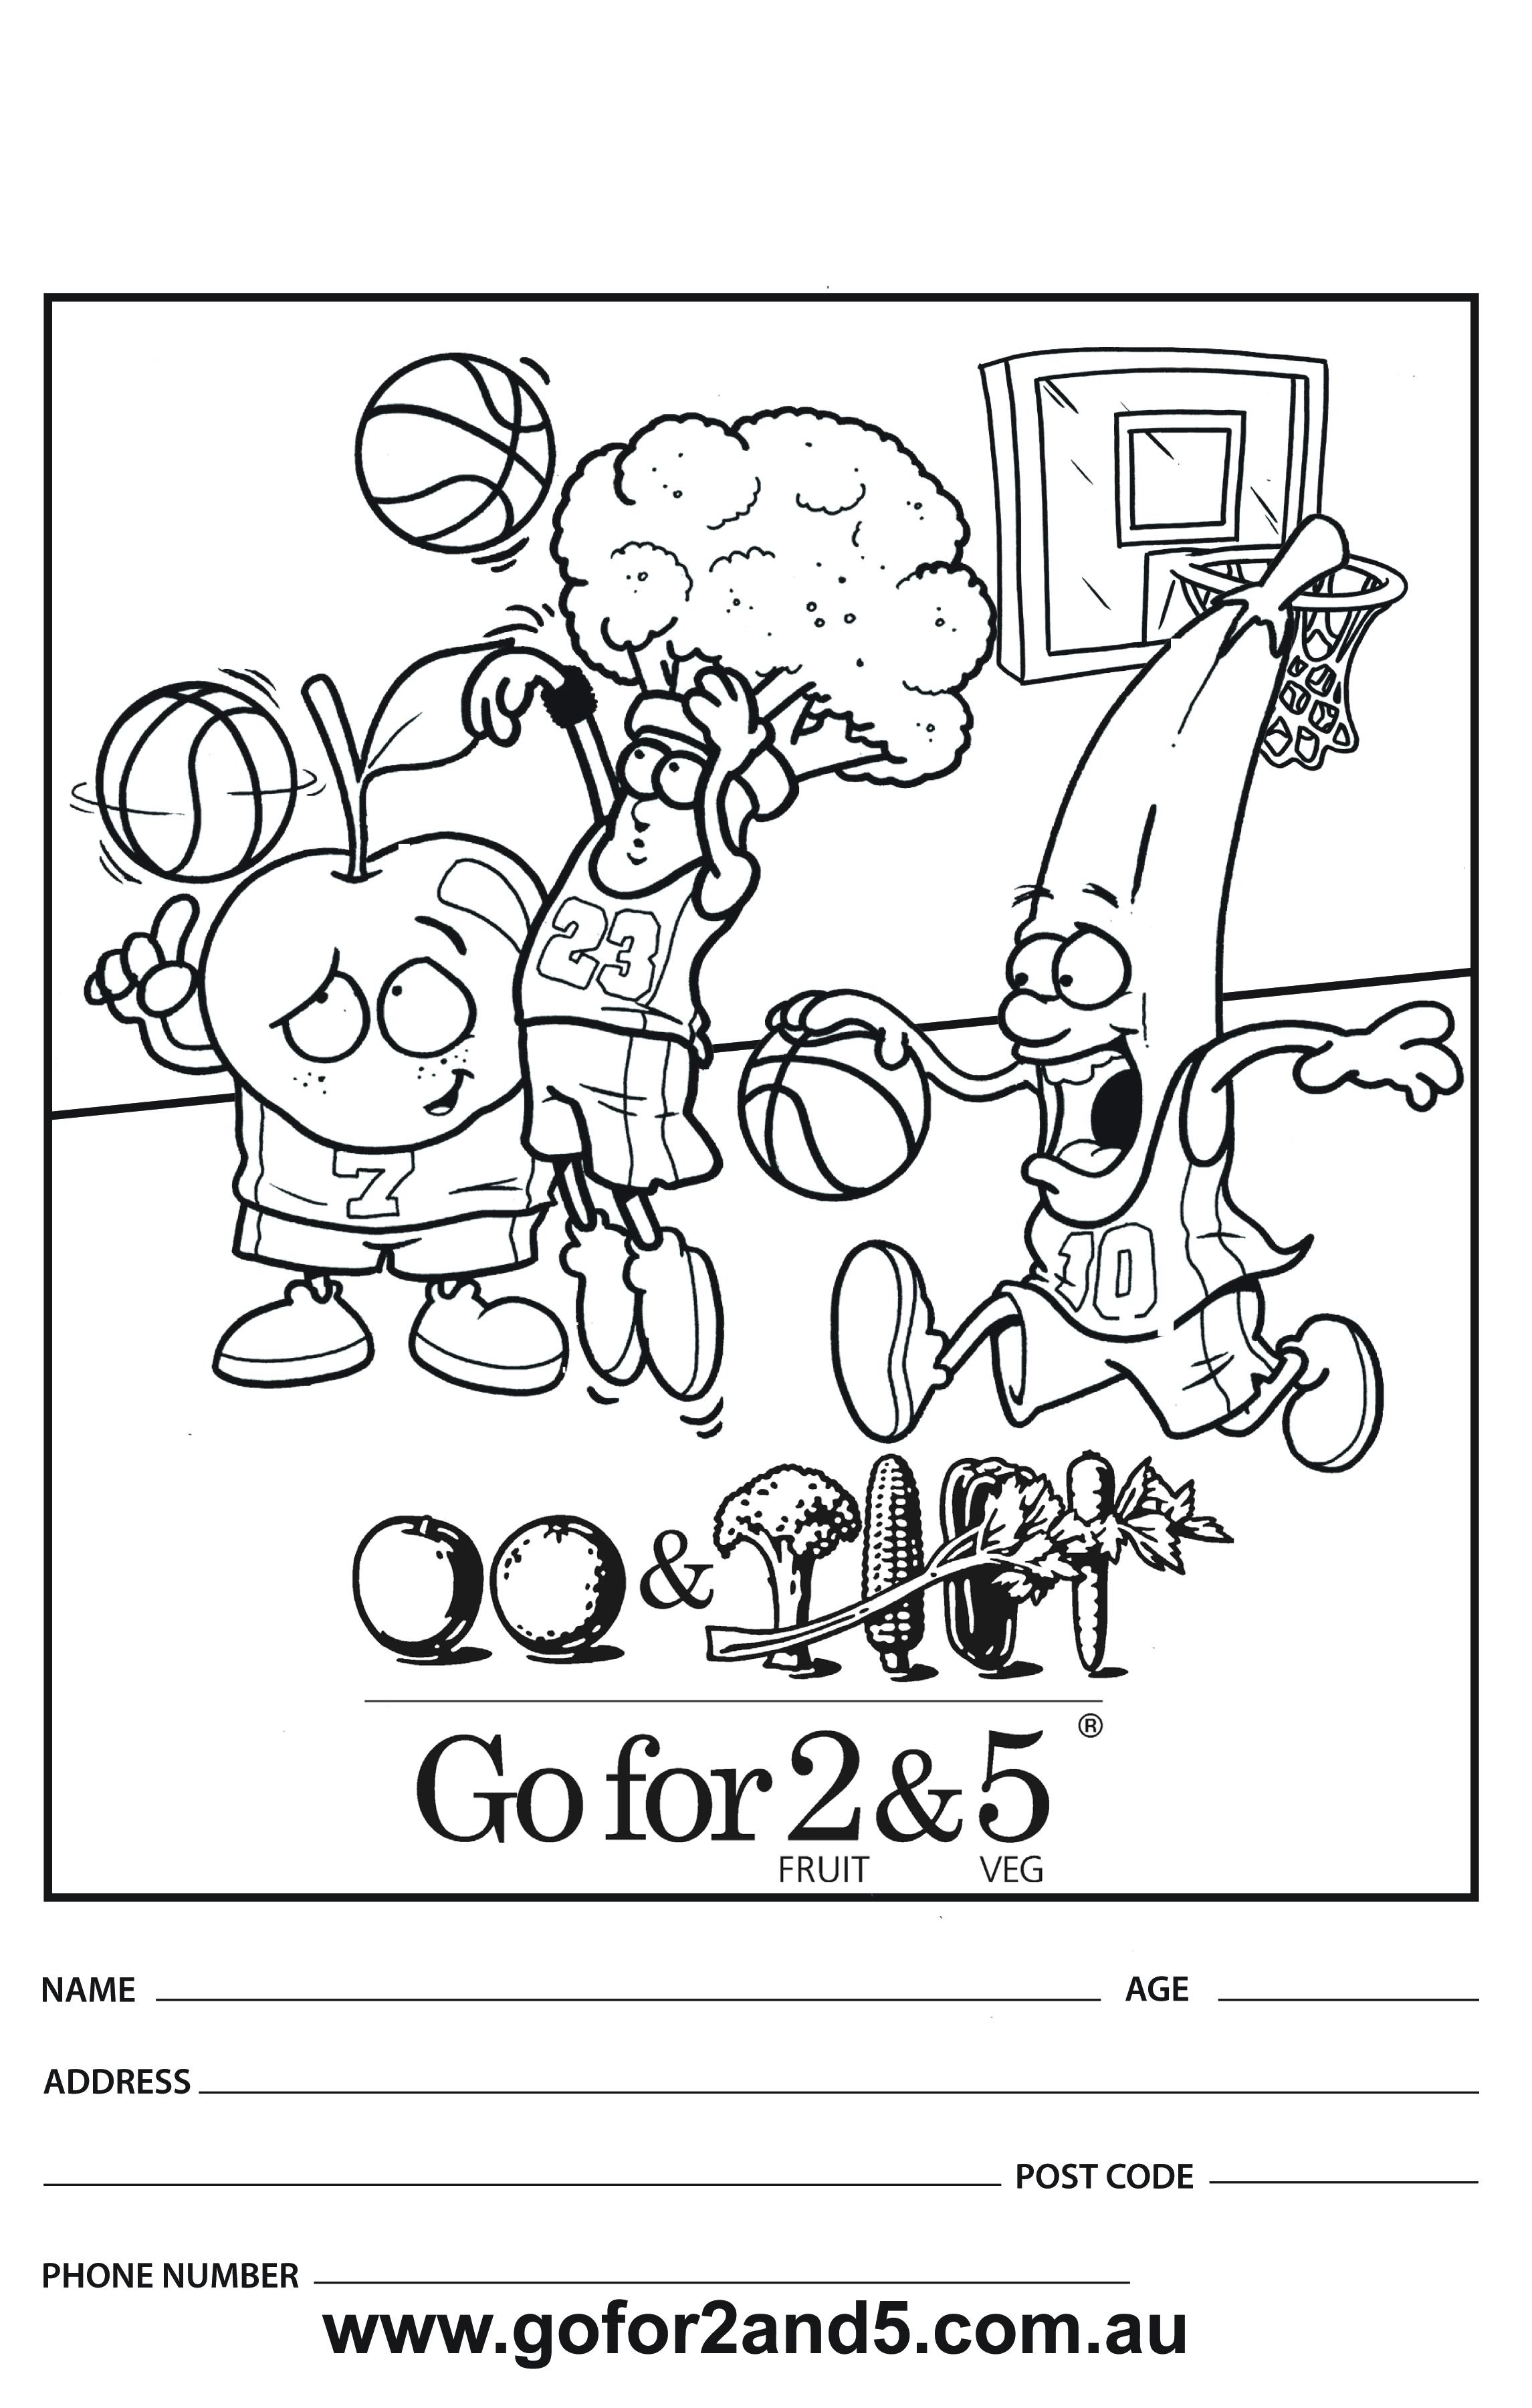 GOFOR2&5.jpg